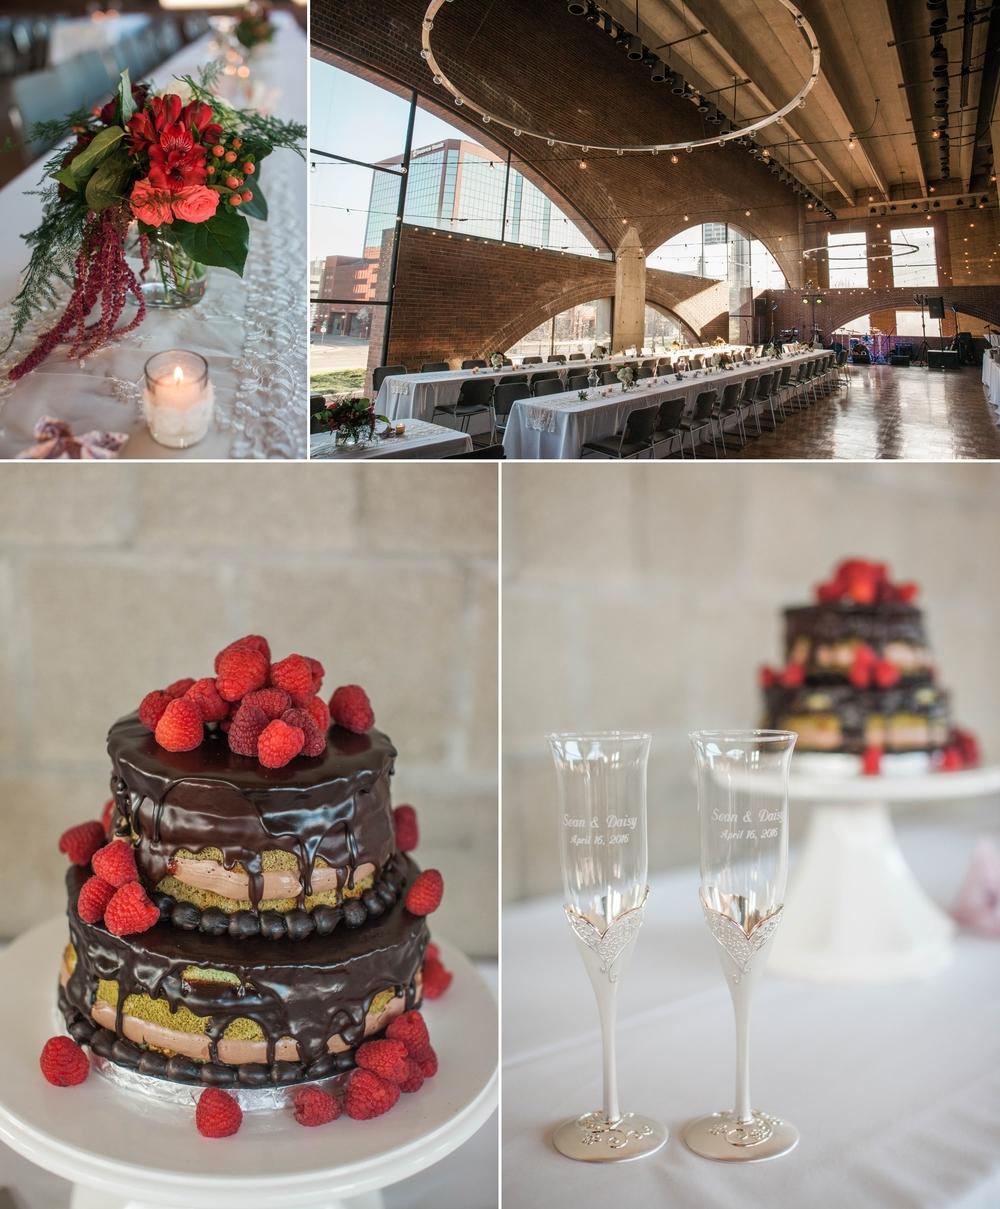 bride-wedding-shoes-park-bridal-portrait-groom-bouquet-cake-5